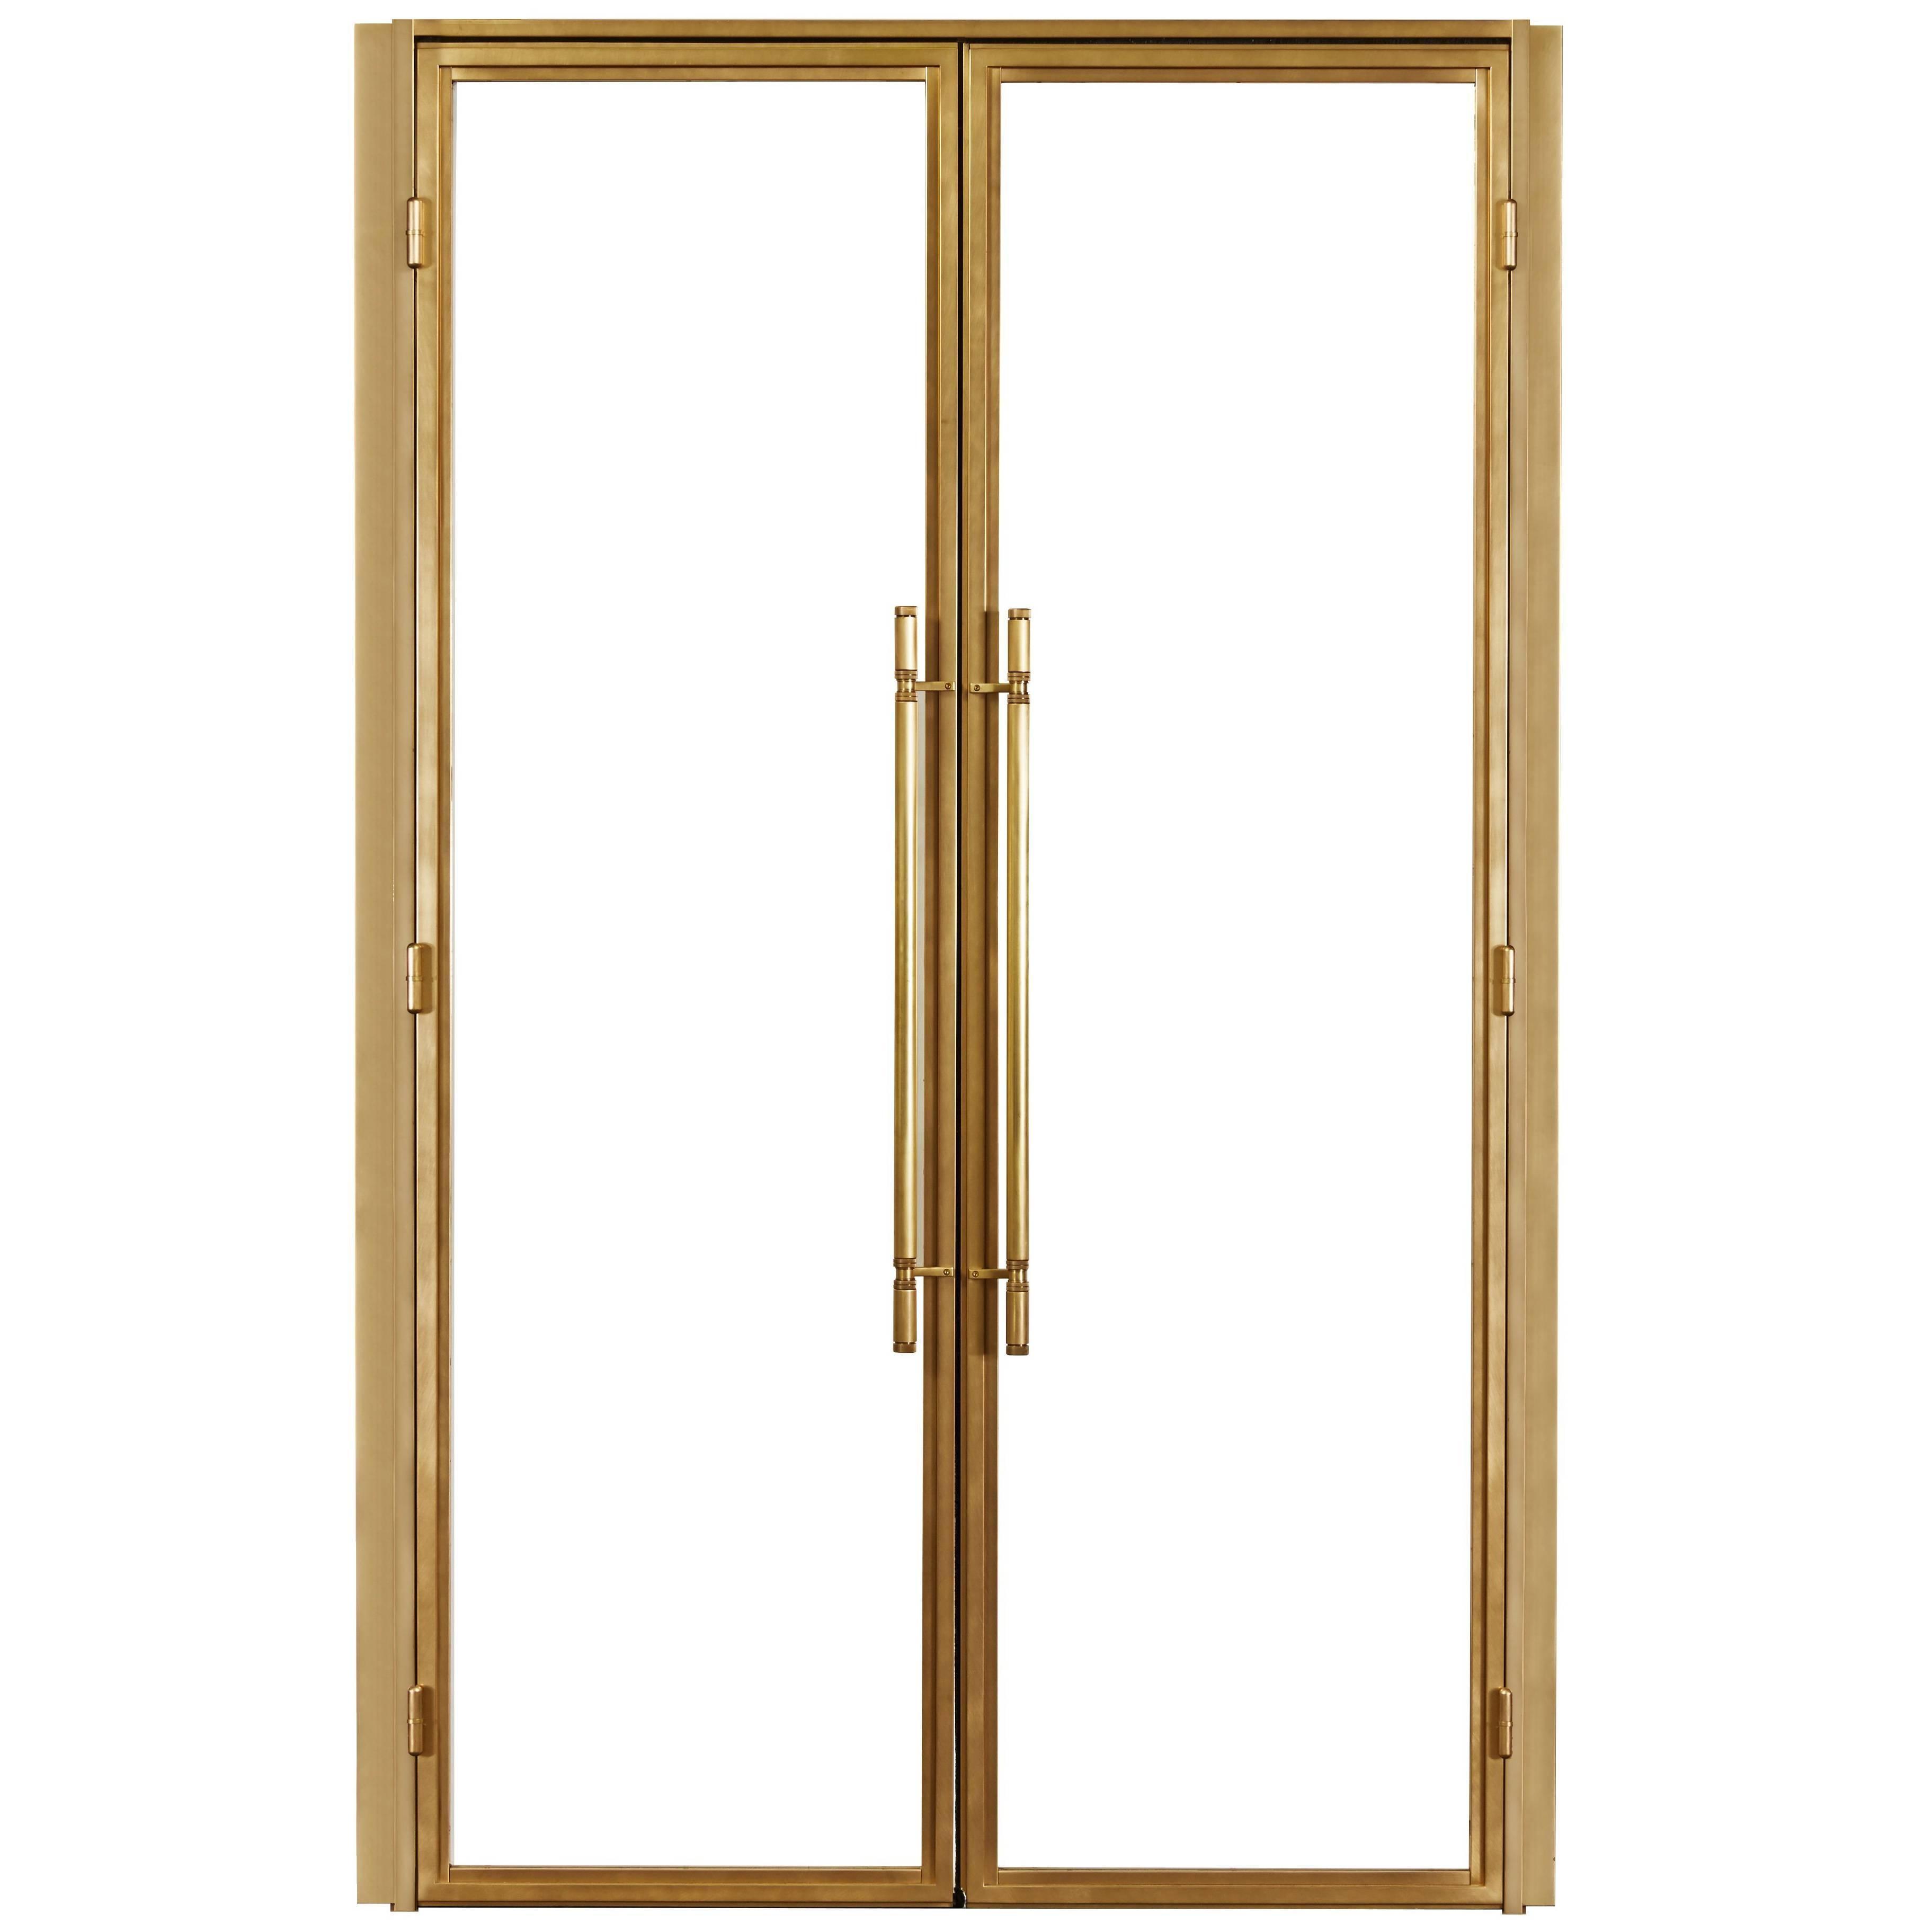 Clean Modern Bronze Doors With Machined Bronze Door Pulls And Hinges 1